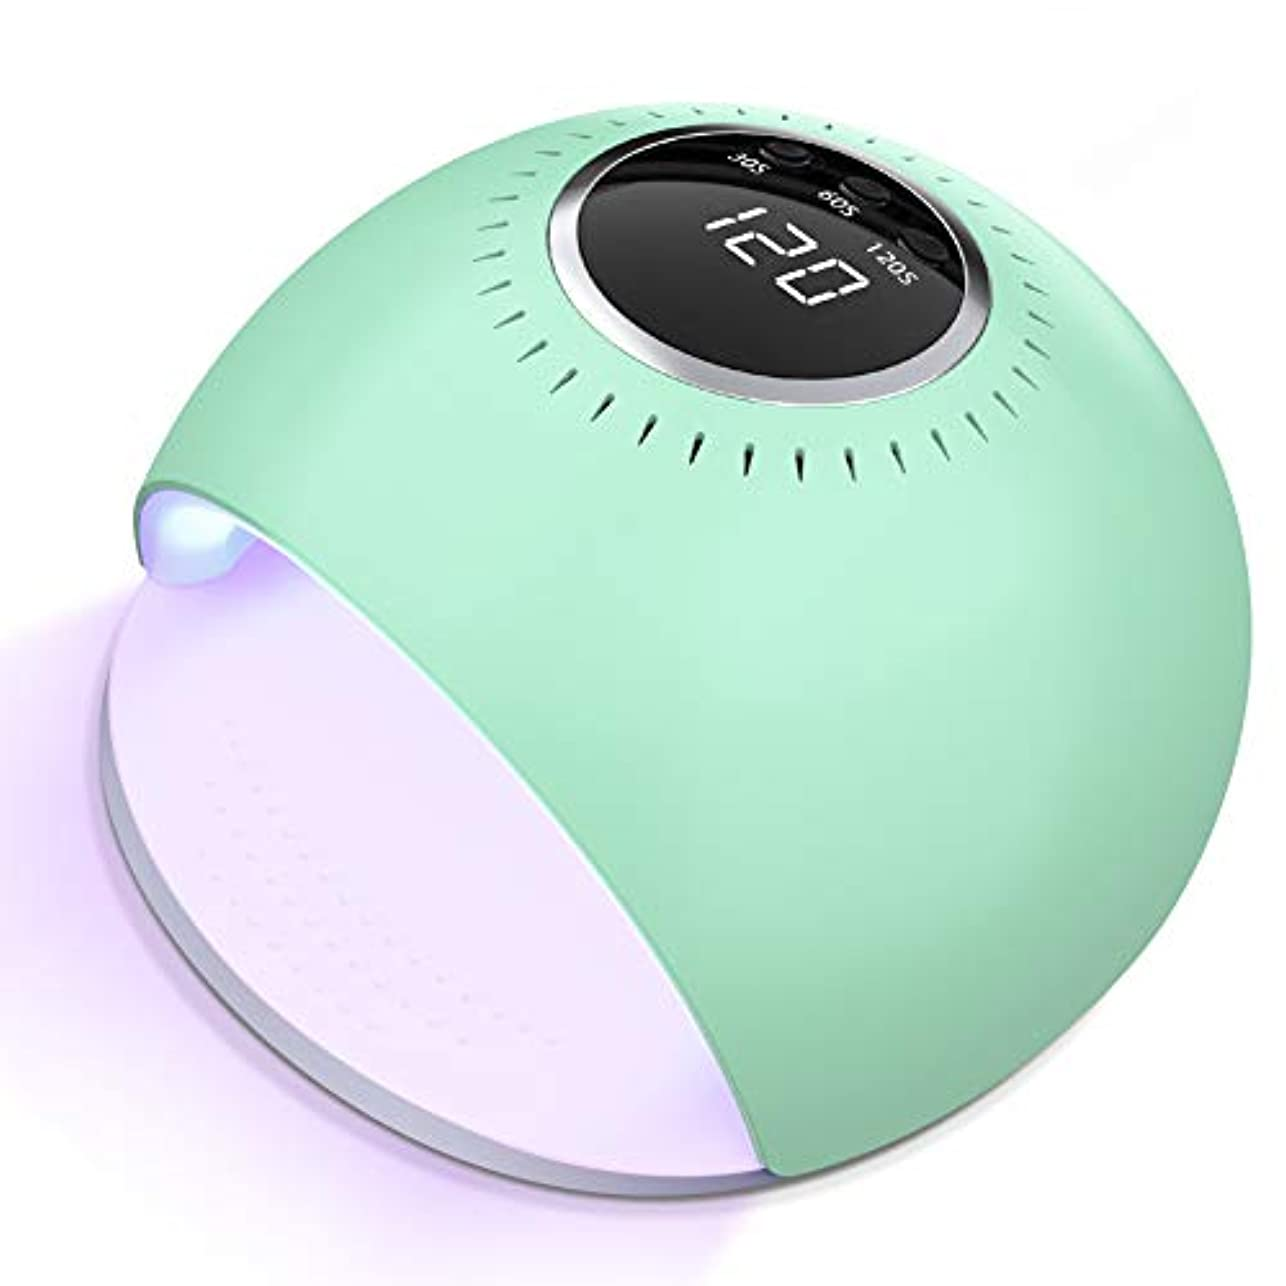 前兆アセンブリのみMACHITO UV LEDネイルドライヤー 84W ハイパワー 赤外線検知 UV &LEDダブルライト ジェルネイル用 硬化用 ライト 3つタイマー設定 美白 専用赤白ライト ランプ 日本語説明書付き 緑 …